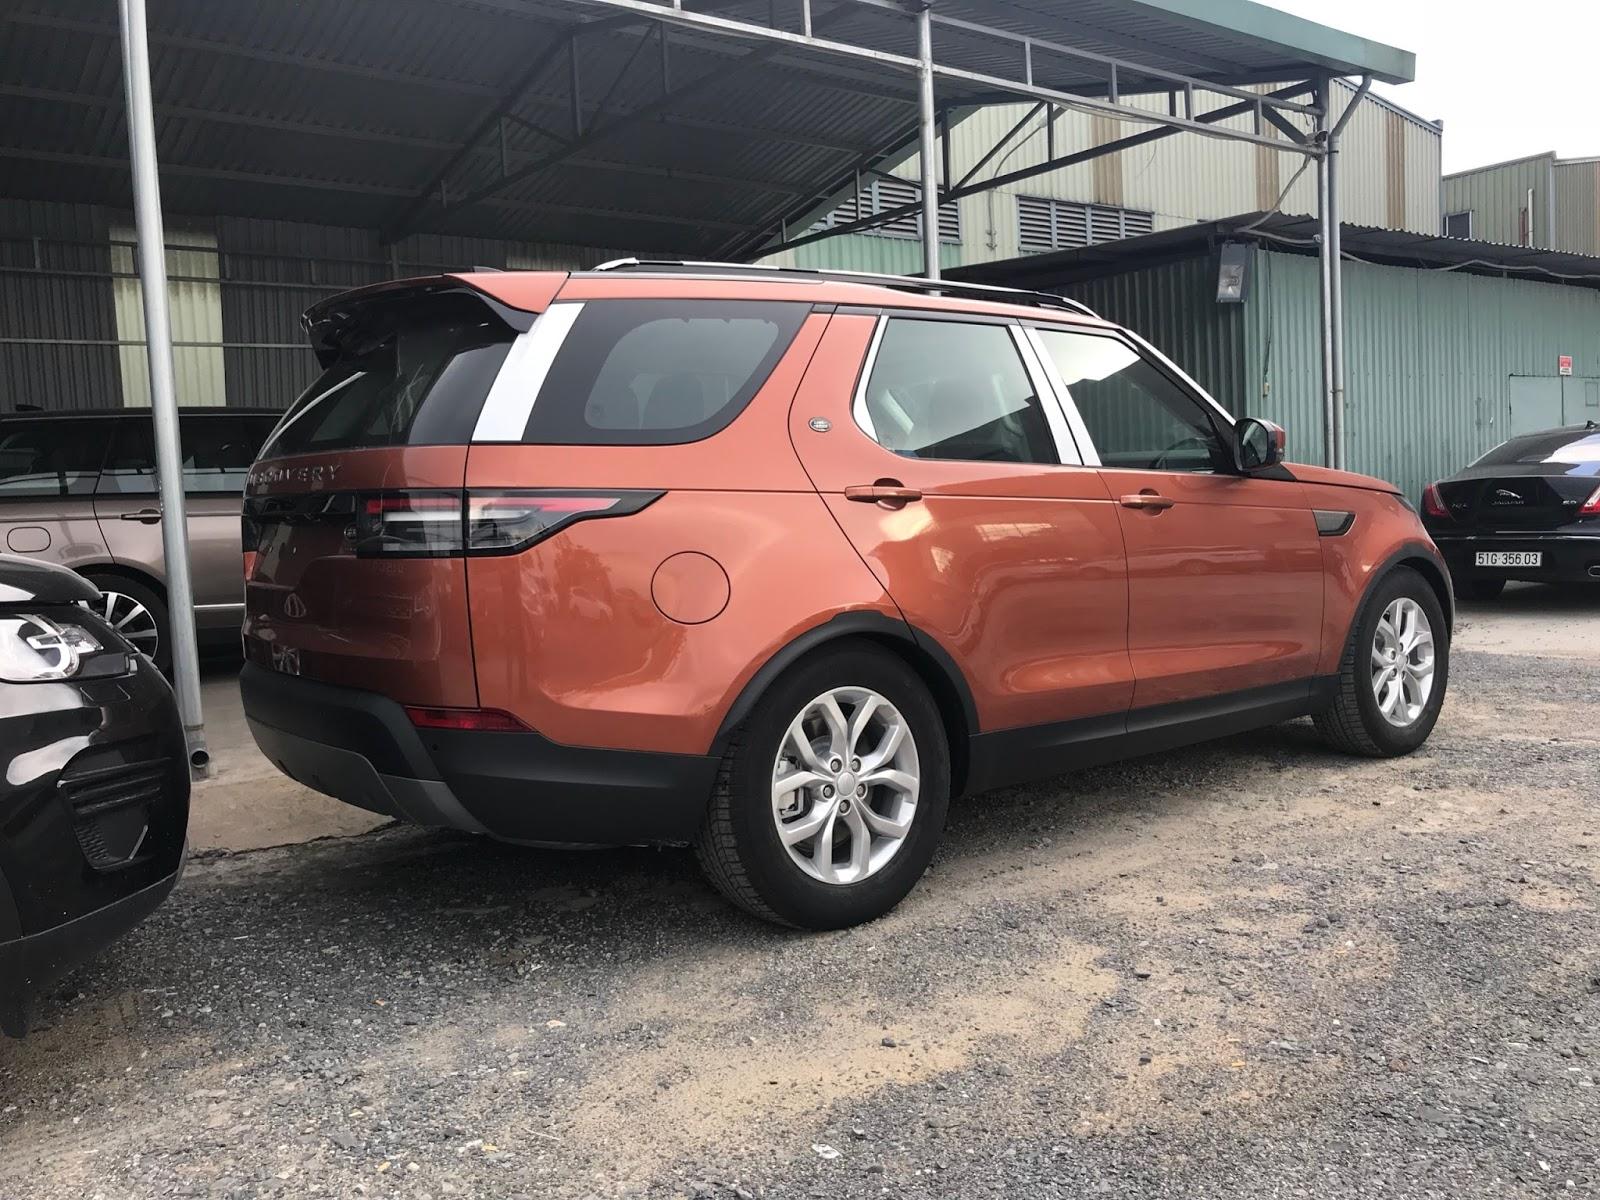 Giá Xe Land Rover 7 Chỗ Discovery SE Bản Rẻ Nhất Màu Cam Đời Mới Nhất 2018 và 2019 tại việt nam bao nhiêu tiền, xe máy xăng và máy dầu xe nào tôt hơn